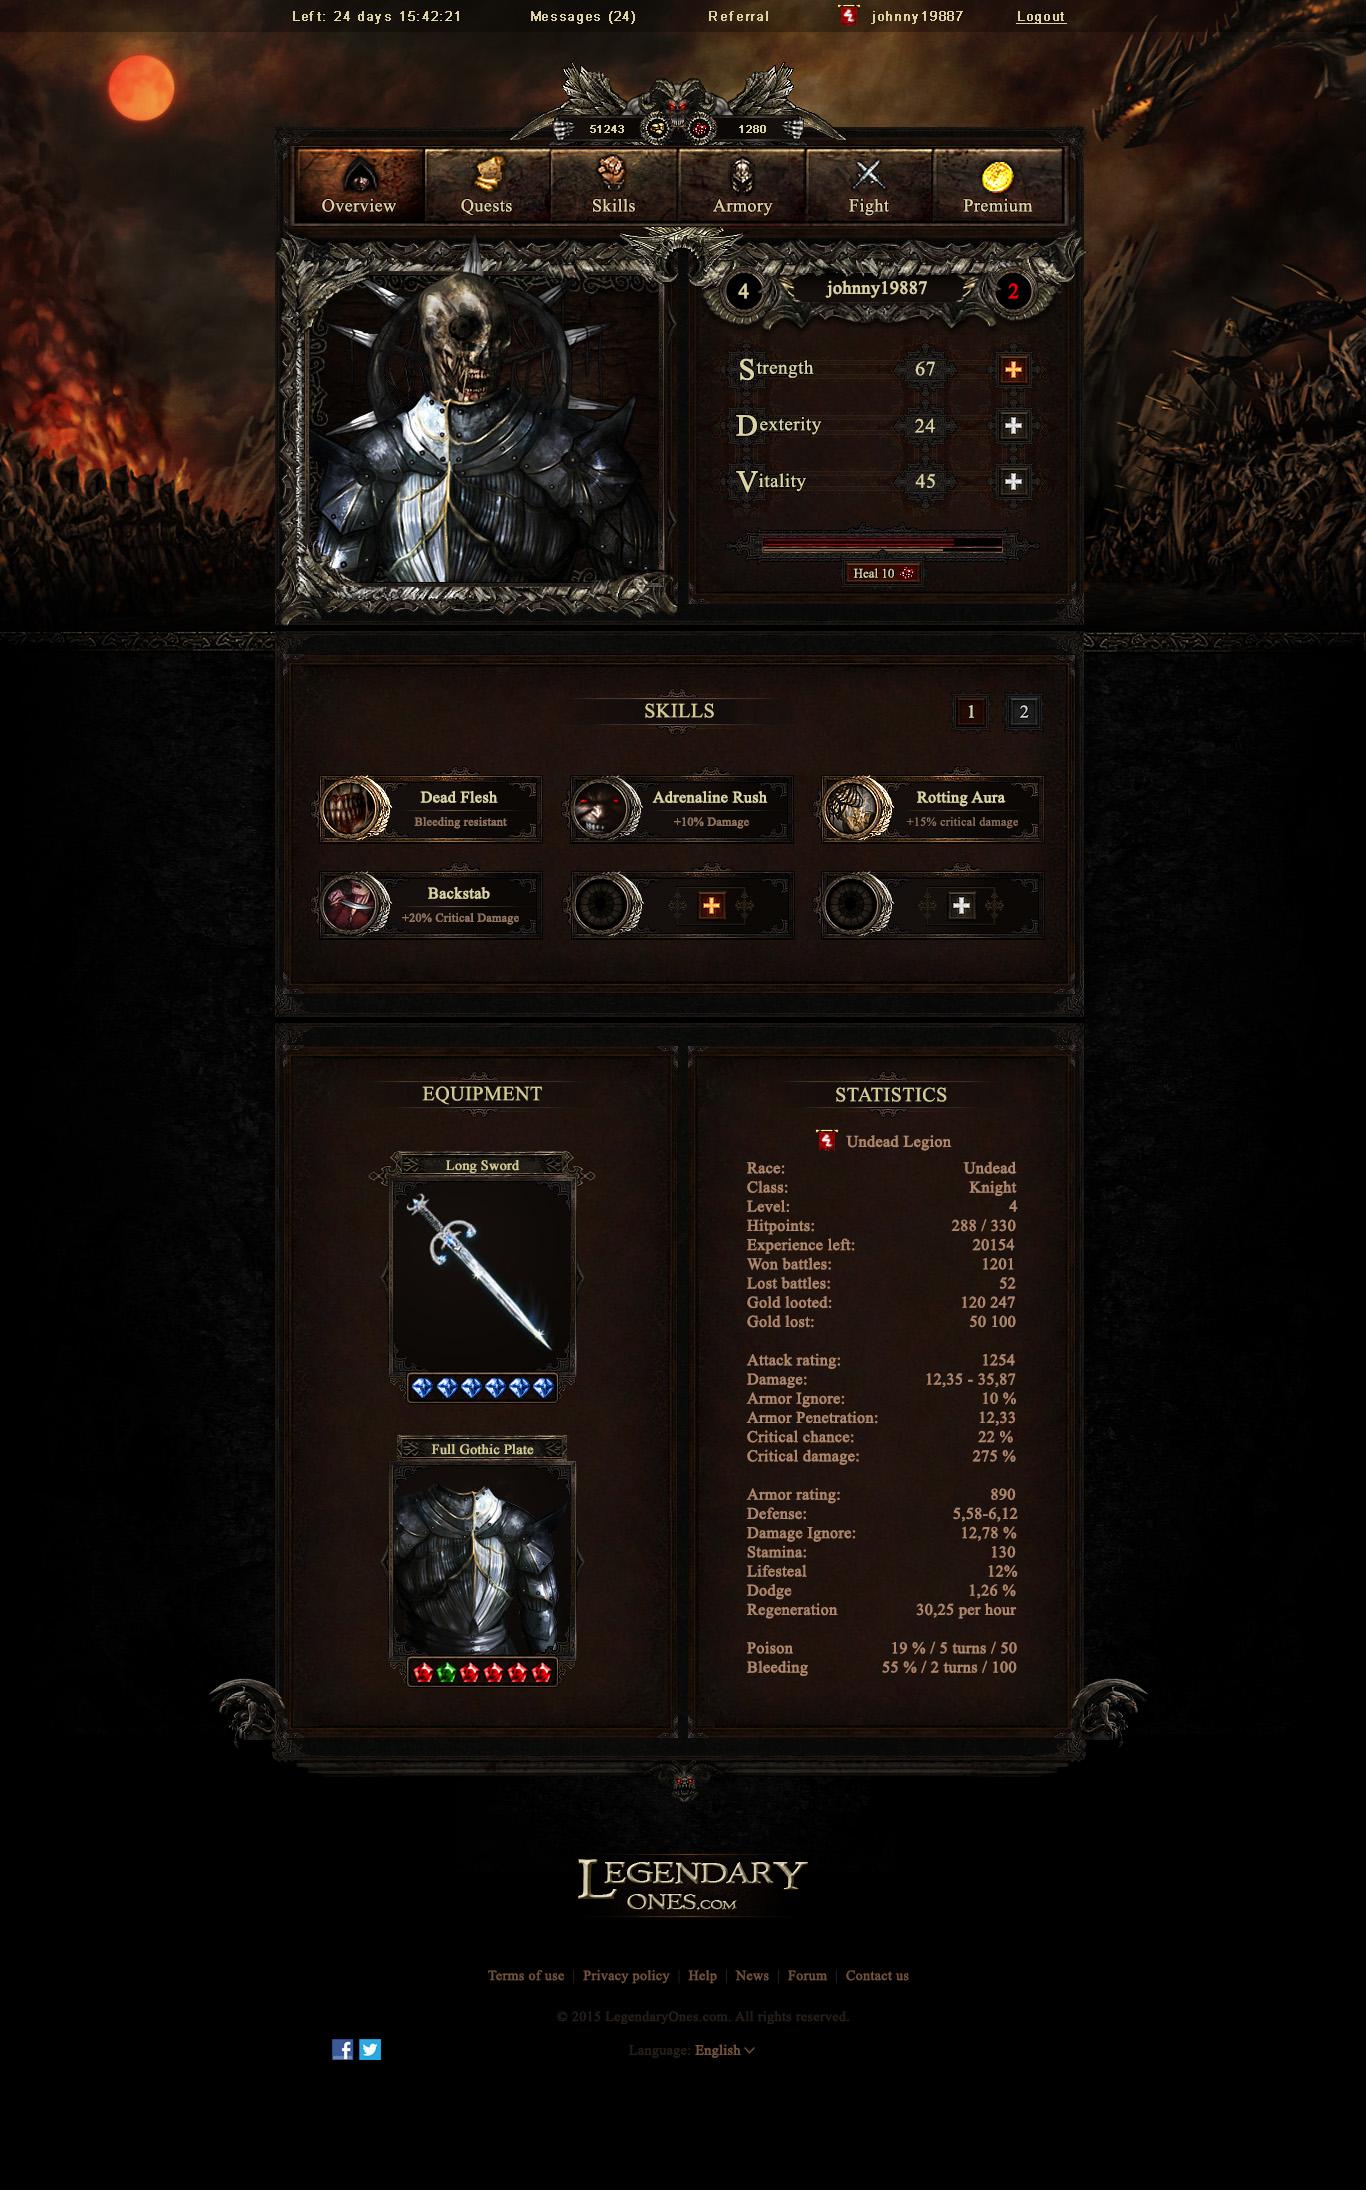 LegendaryOnes Overview Game Screen